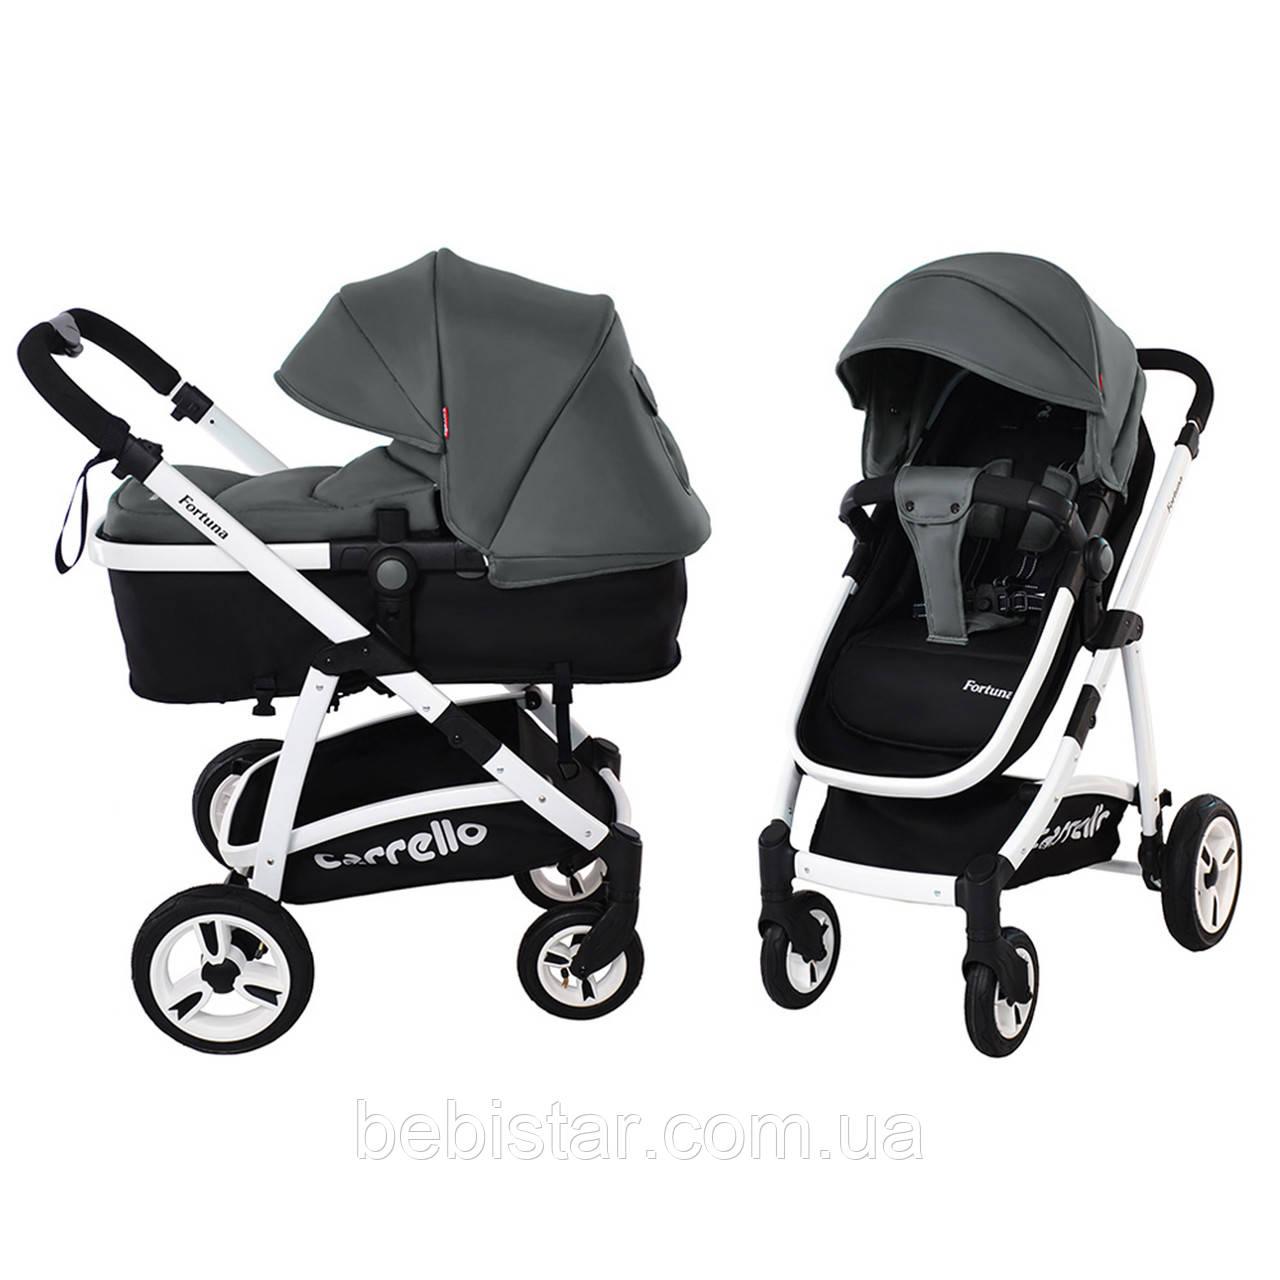 Универсальная коляска-трансформер серая Carrello Fortuna 9001 Shade Grey деткам от рождения до 3 лет